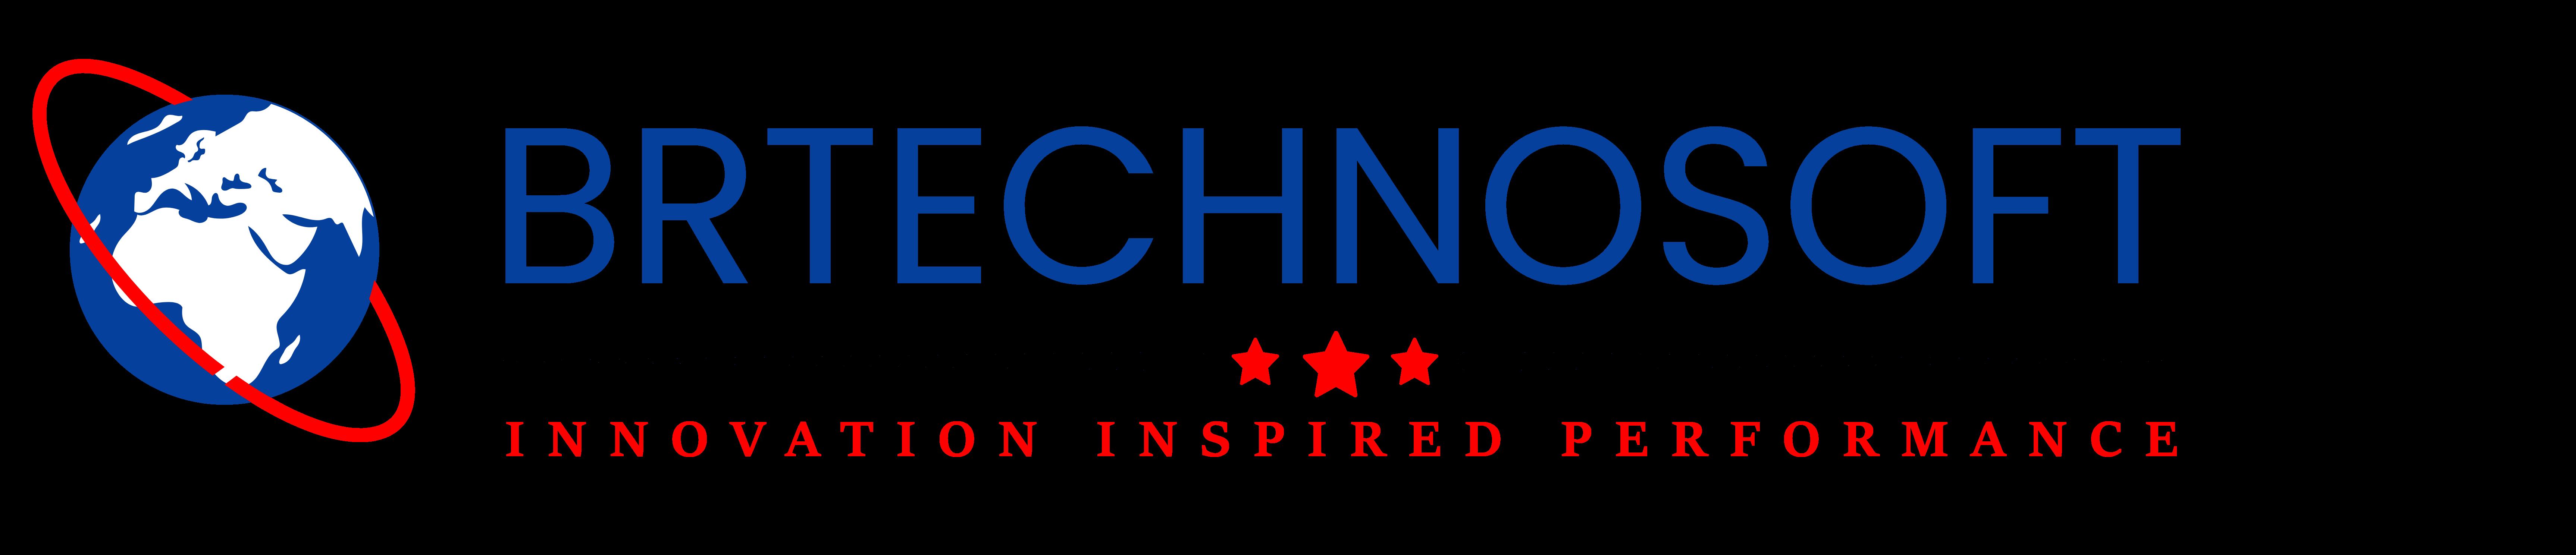 brtechsoft technologies llc